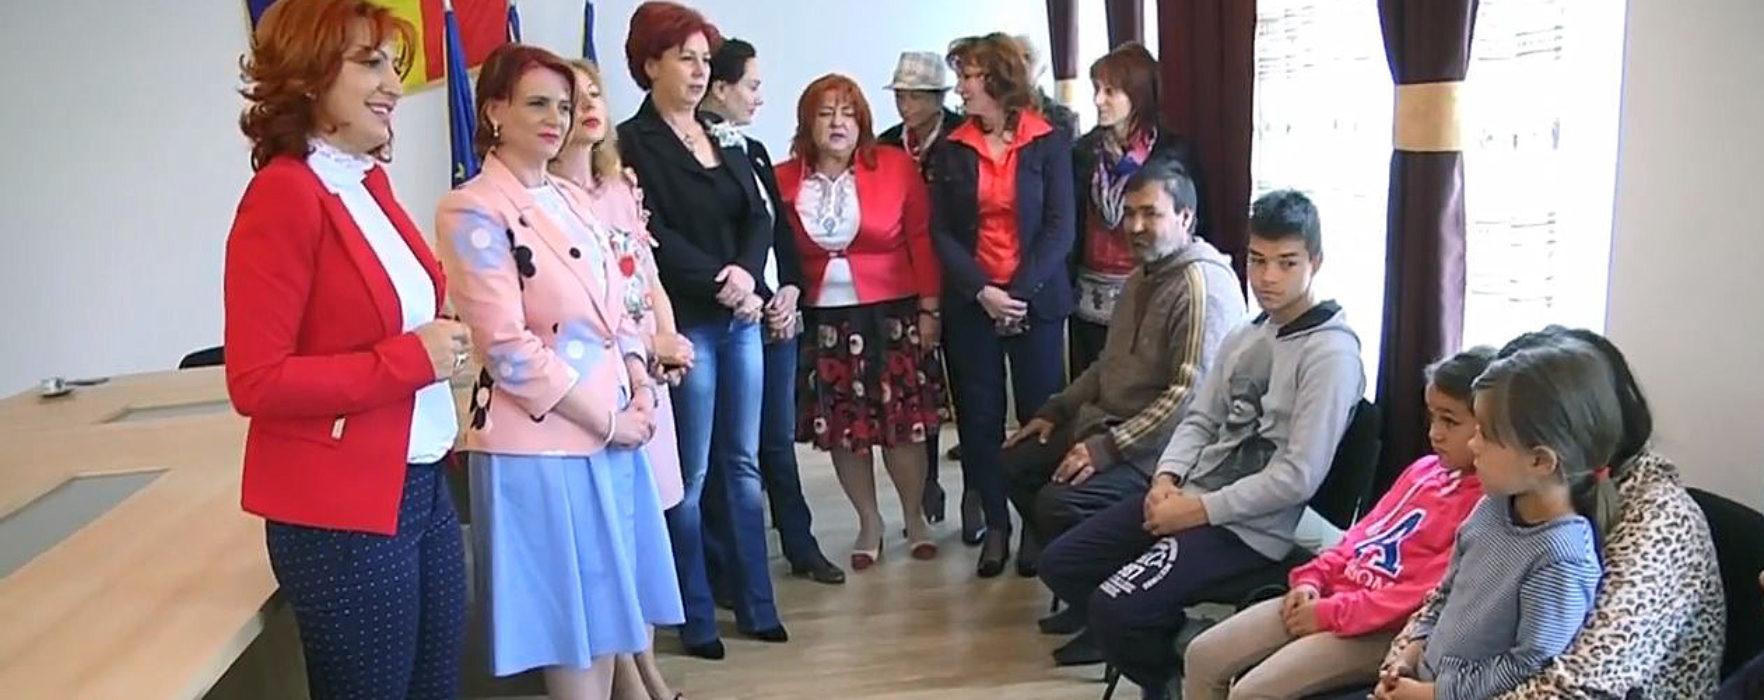 Doicești: Acțiune socială a organizației de femei a PSD Dâmbovița pentru trei familii defavorizate